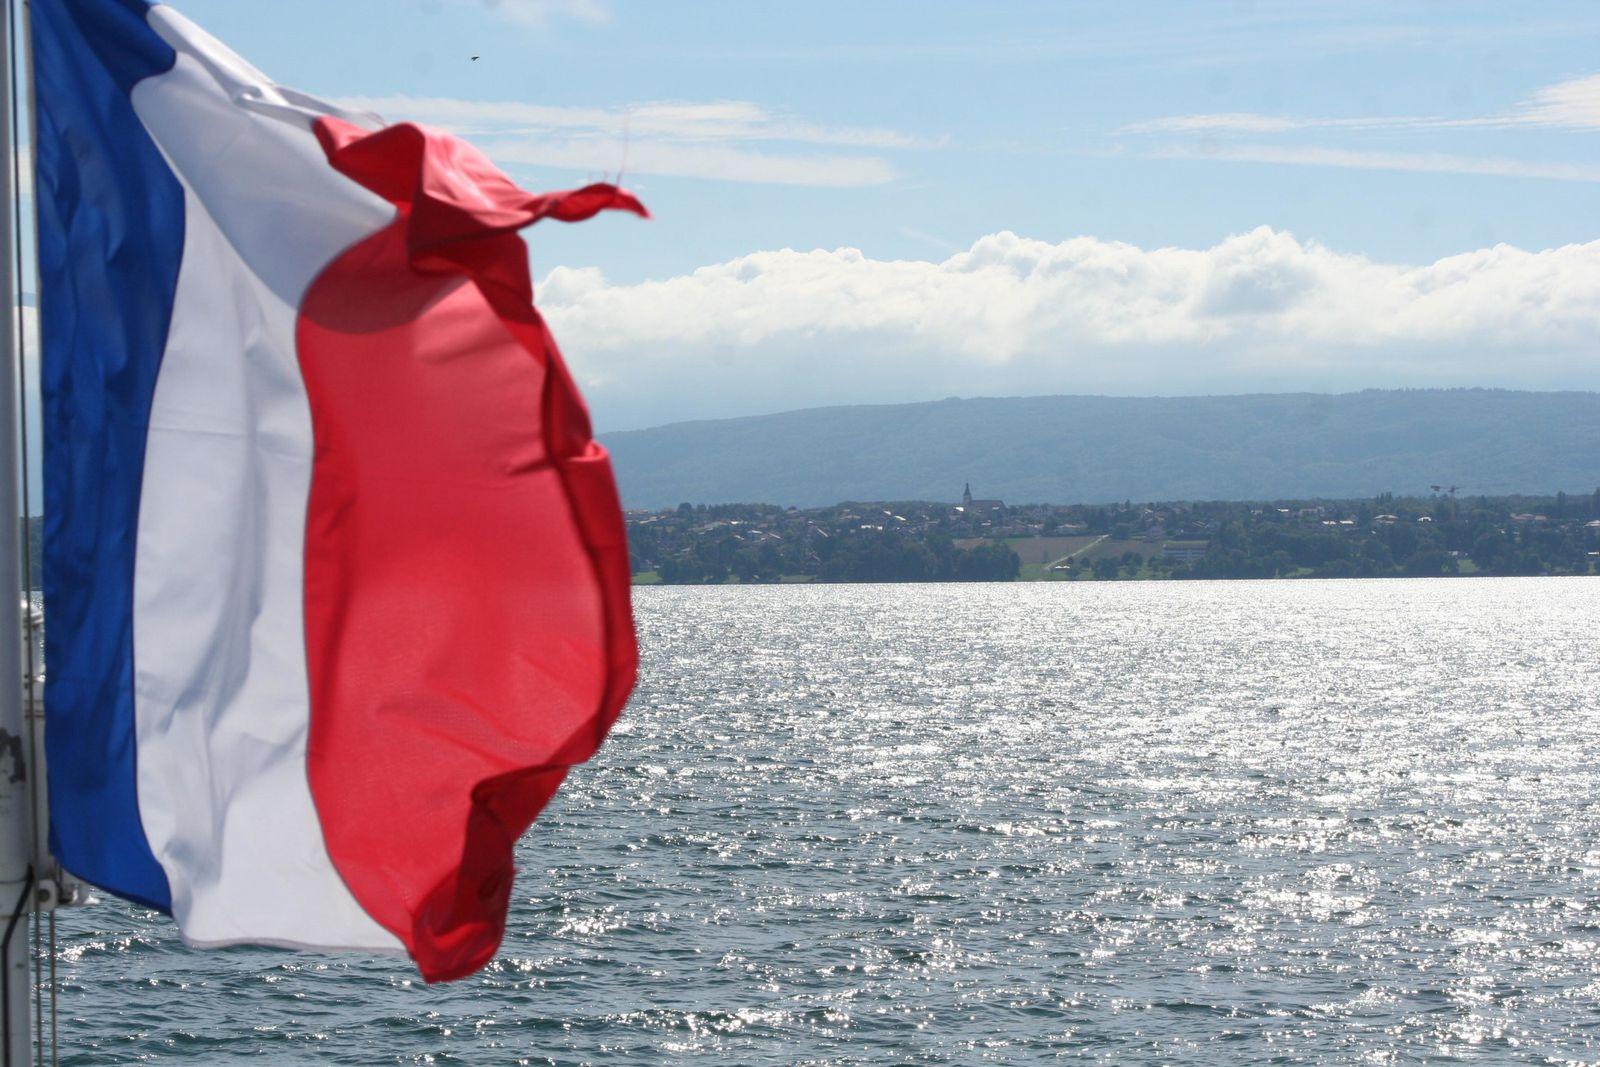 Ovnis photographiés près de Nyon en Suisse au Lac Léman et près de Chamonix le 21 septembre 2013